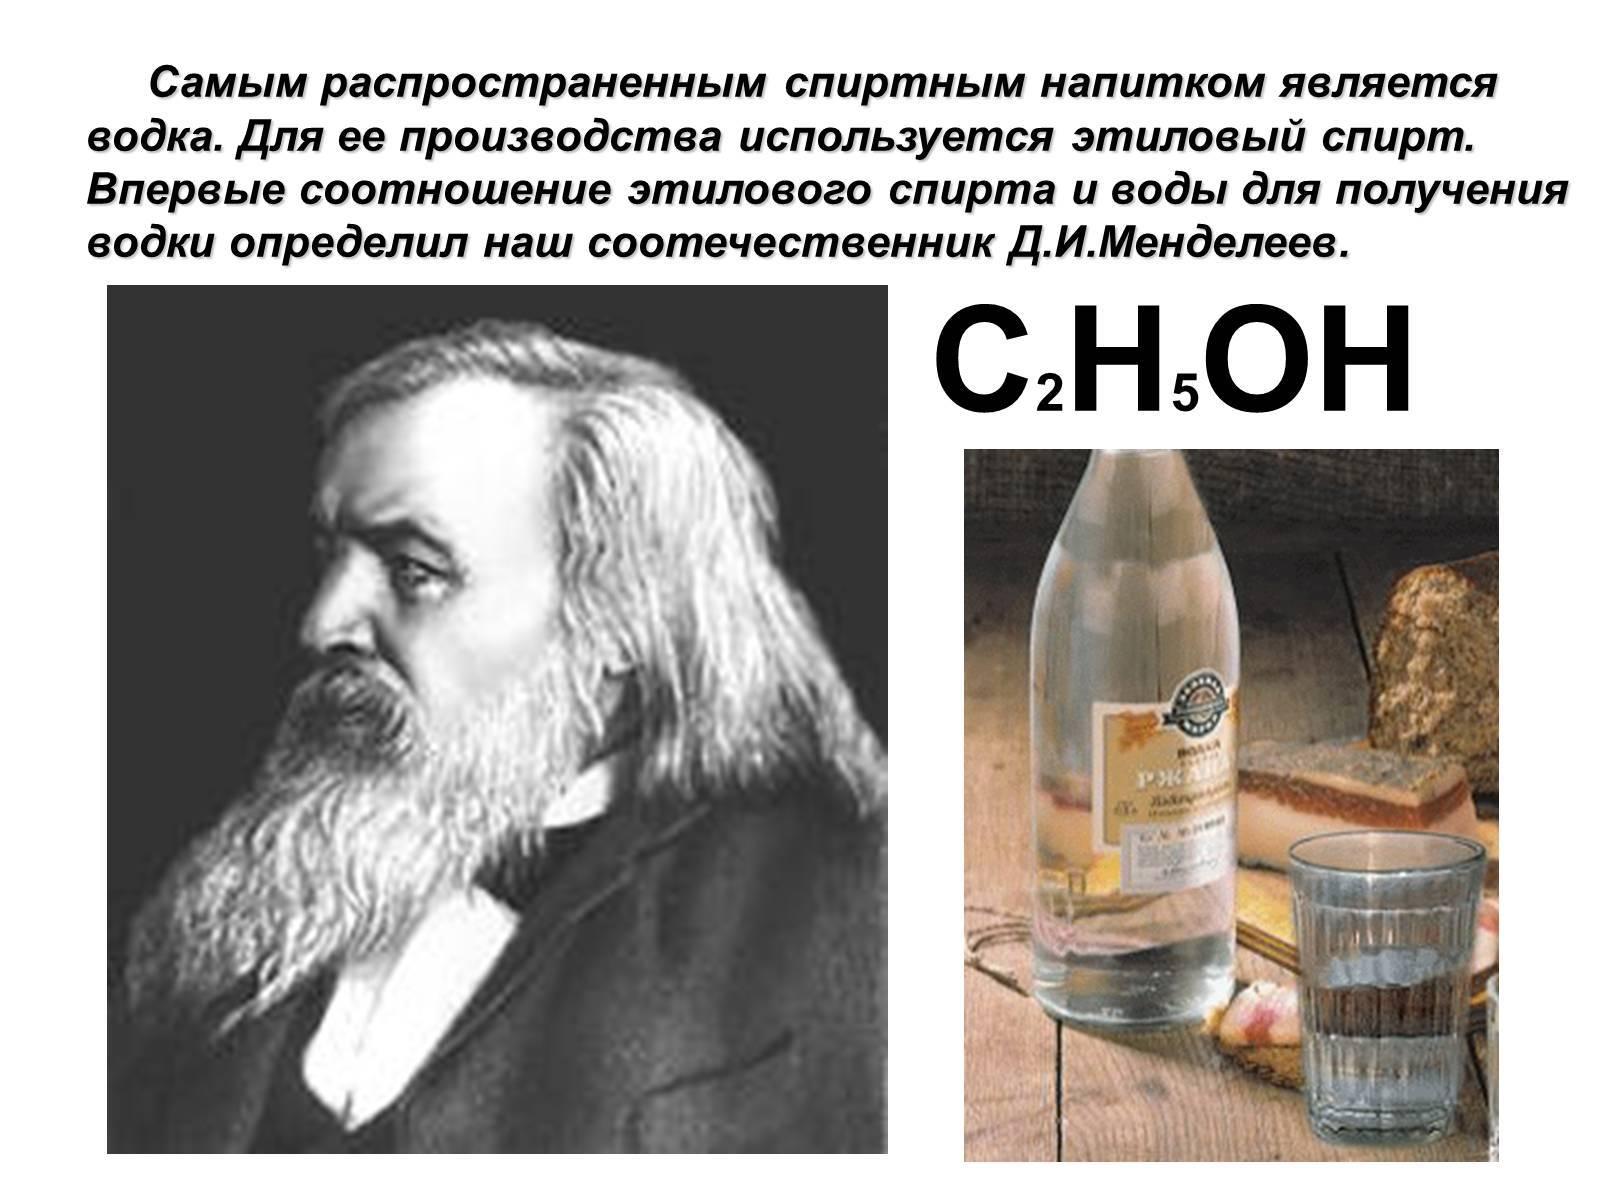 История водки — кто и когда ее изобрел, реальность и мифы